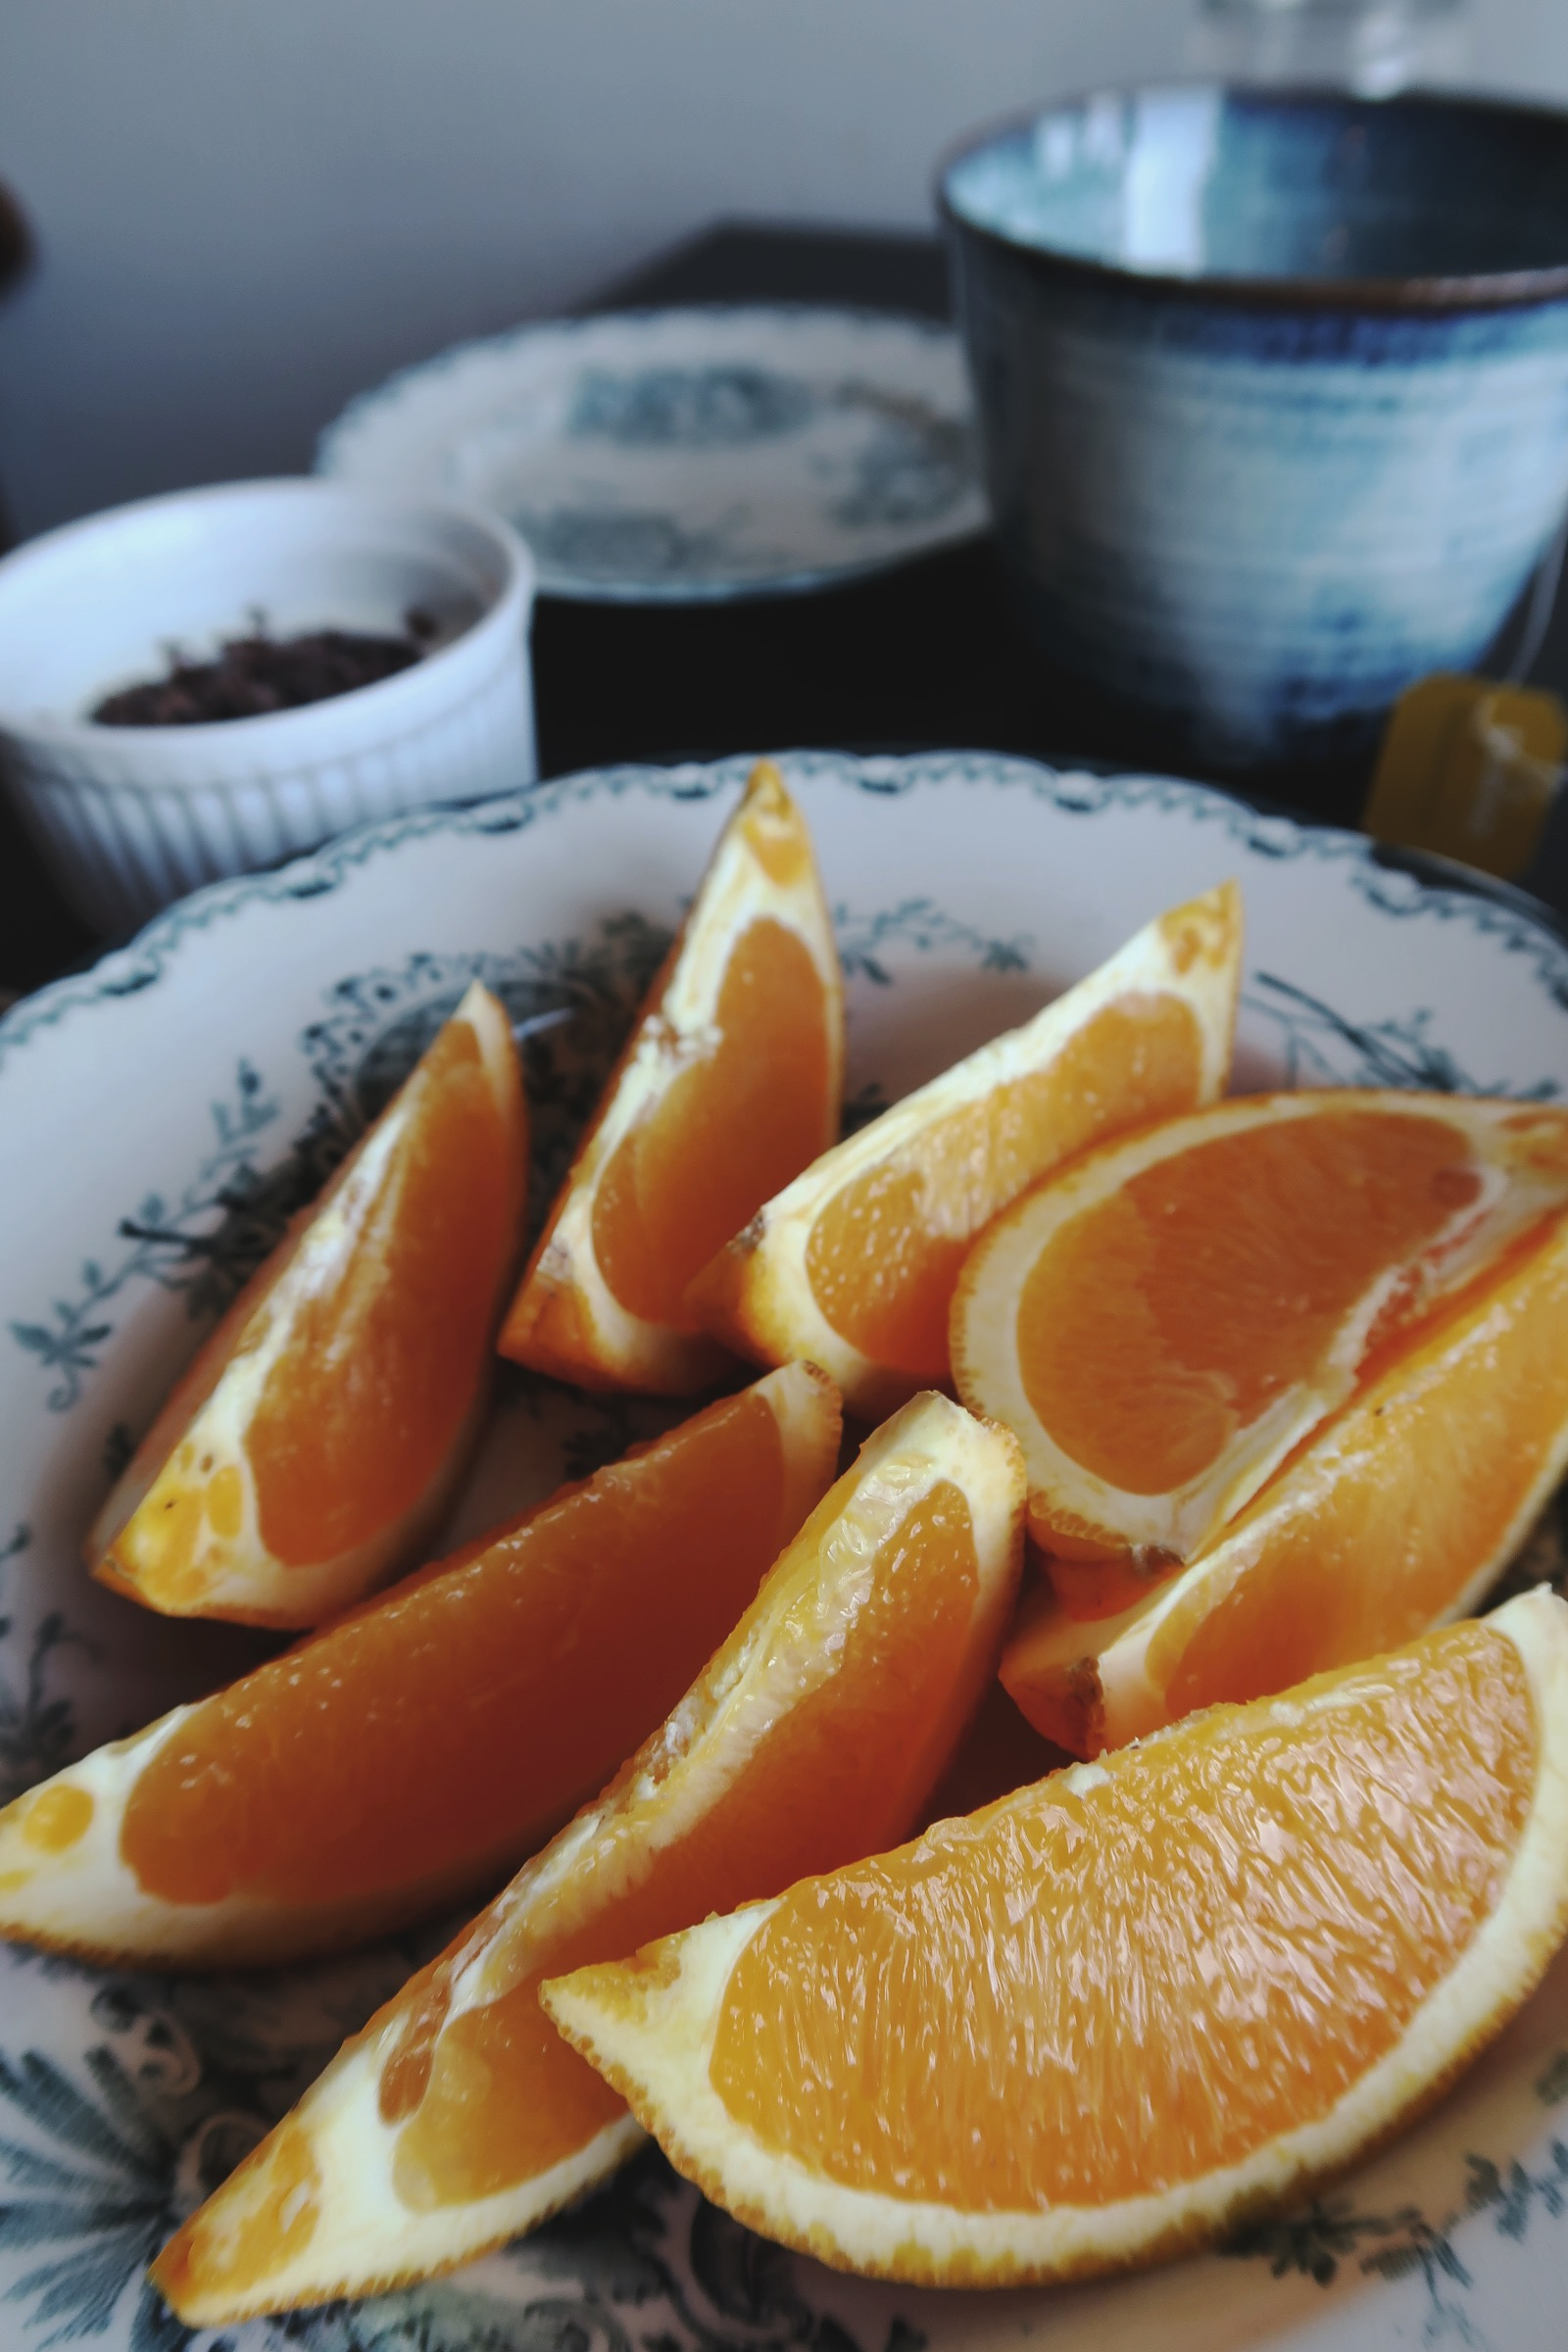 Ekologisk apelsin till frukost